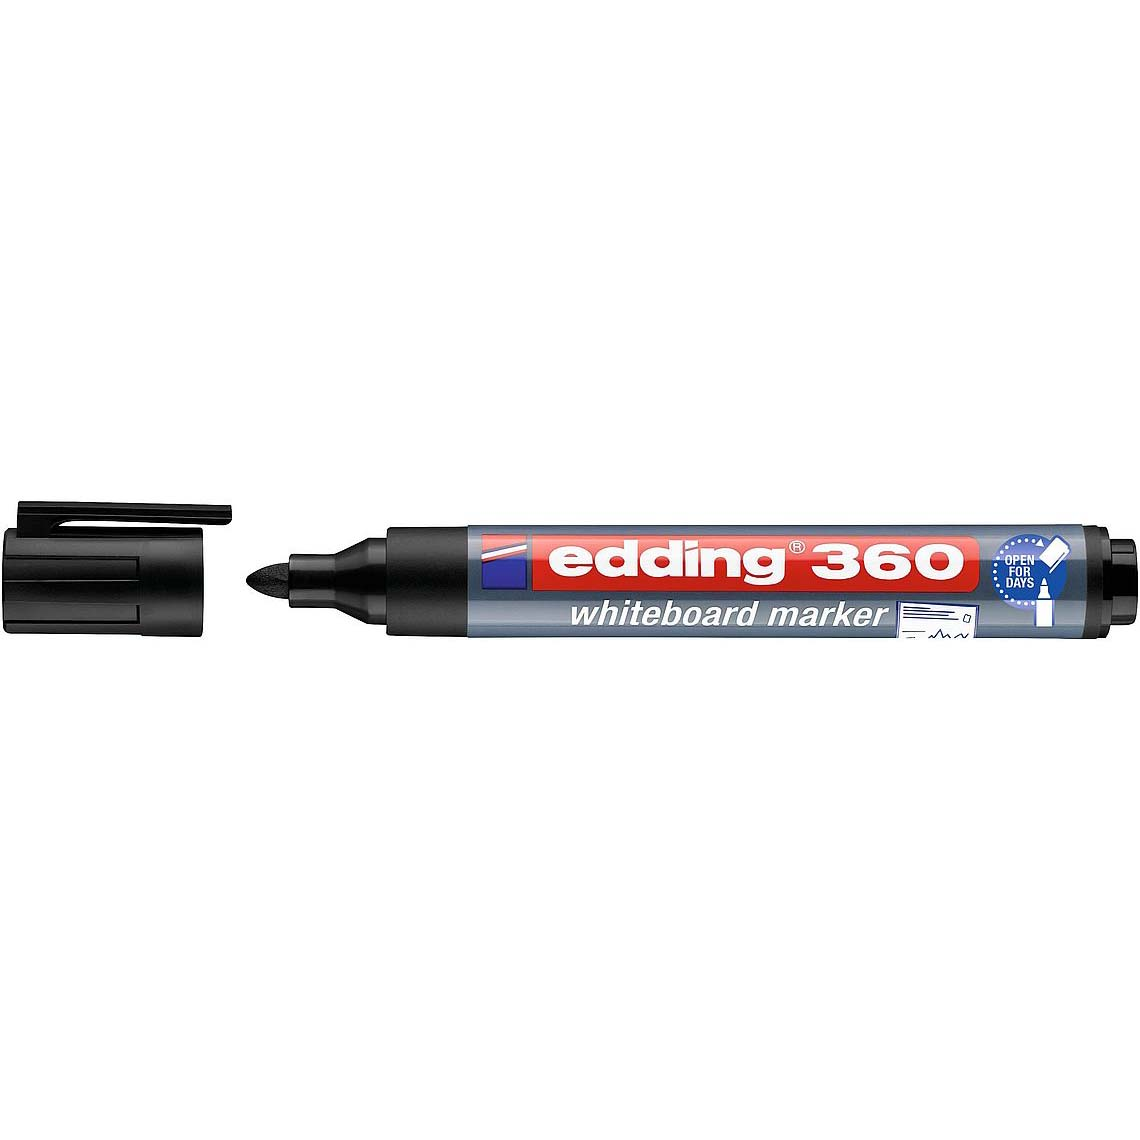 Edding 360 Whiteboard Marker Bullet Tip - Black (pc)